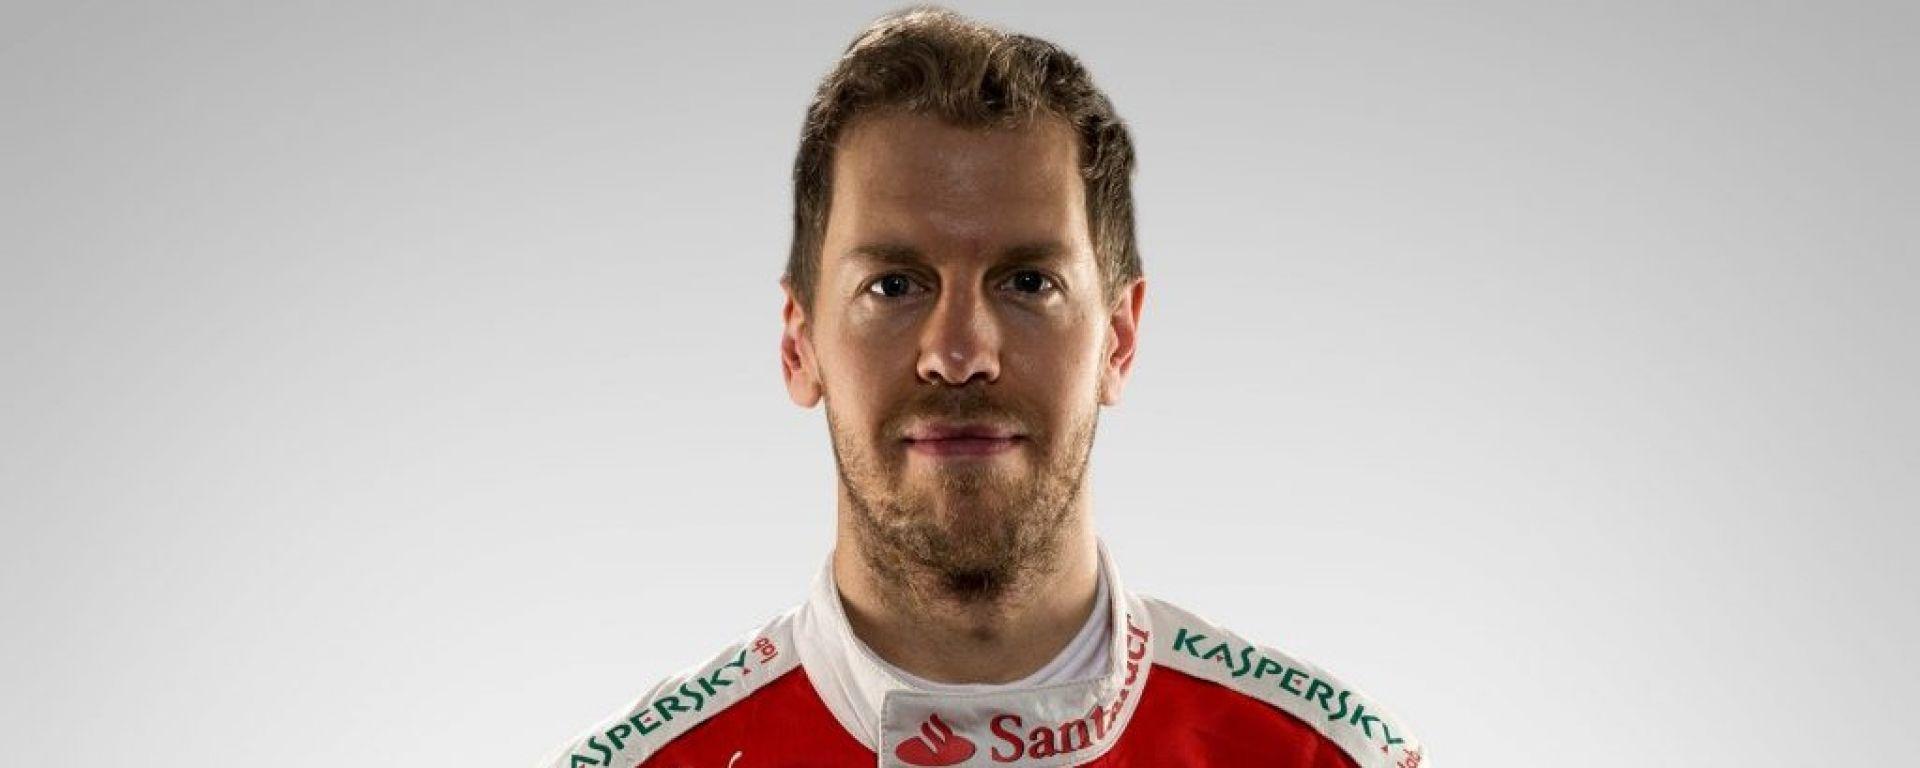 Sebastian Vettel #5